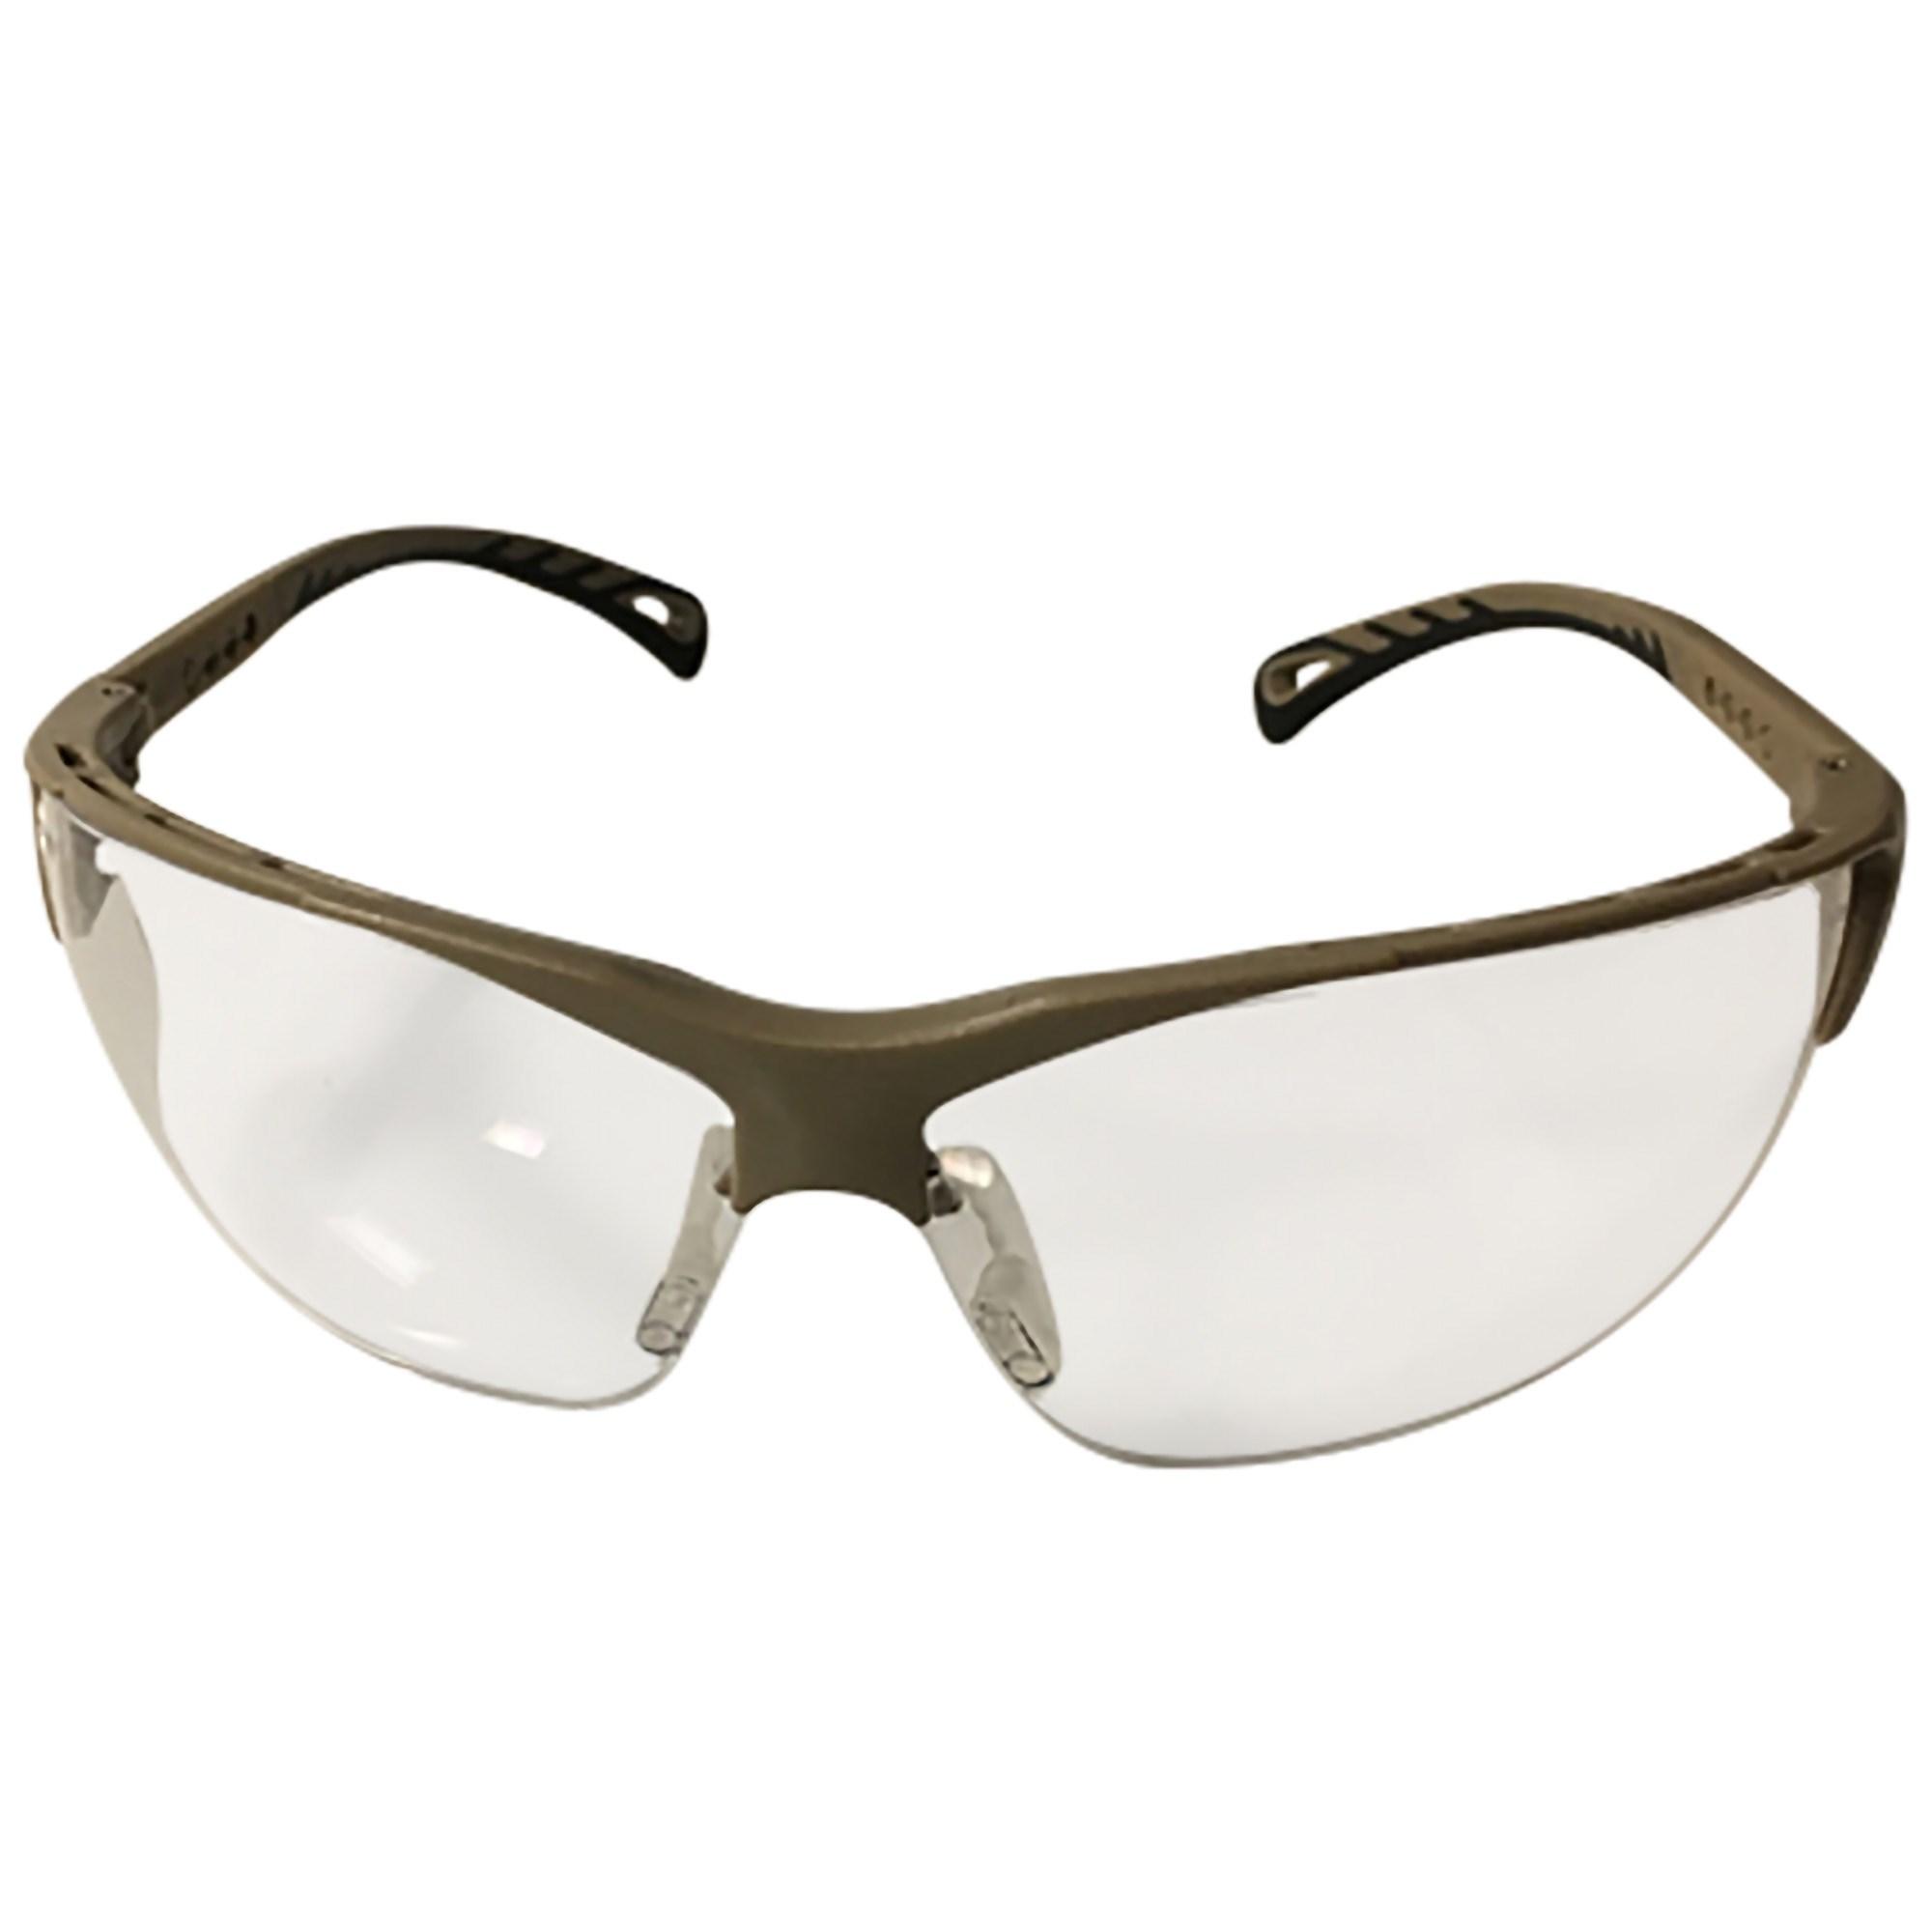 Okuliare ochranné nastaviteľné TAN číre